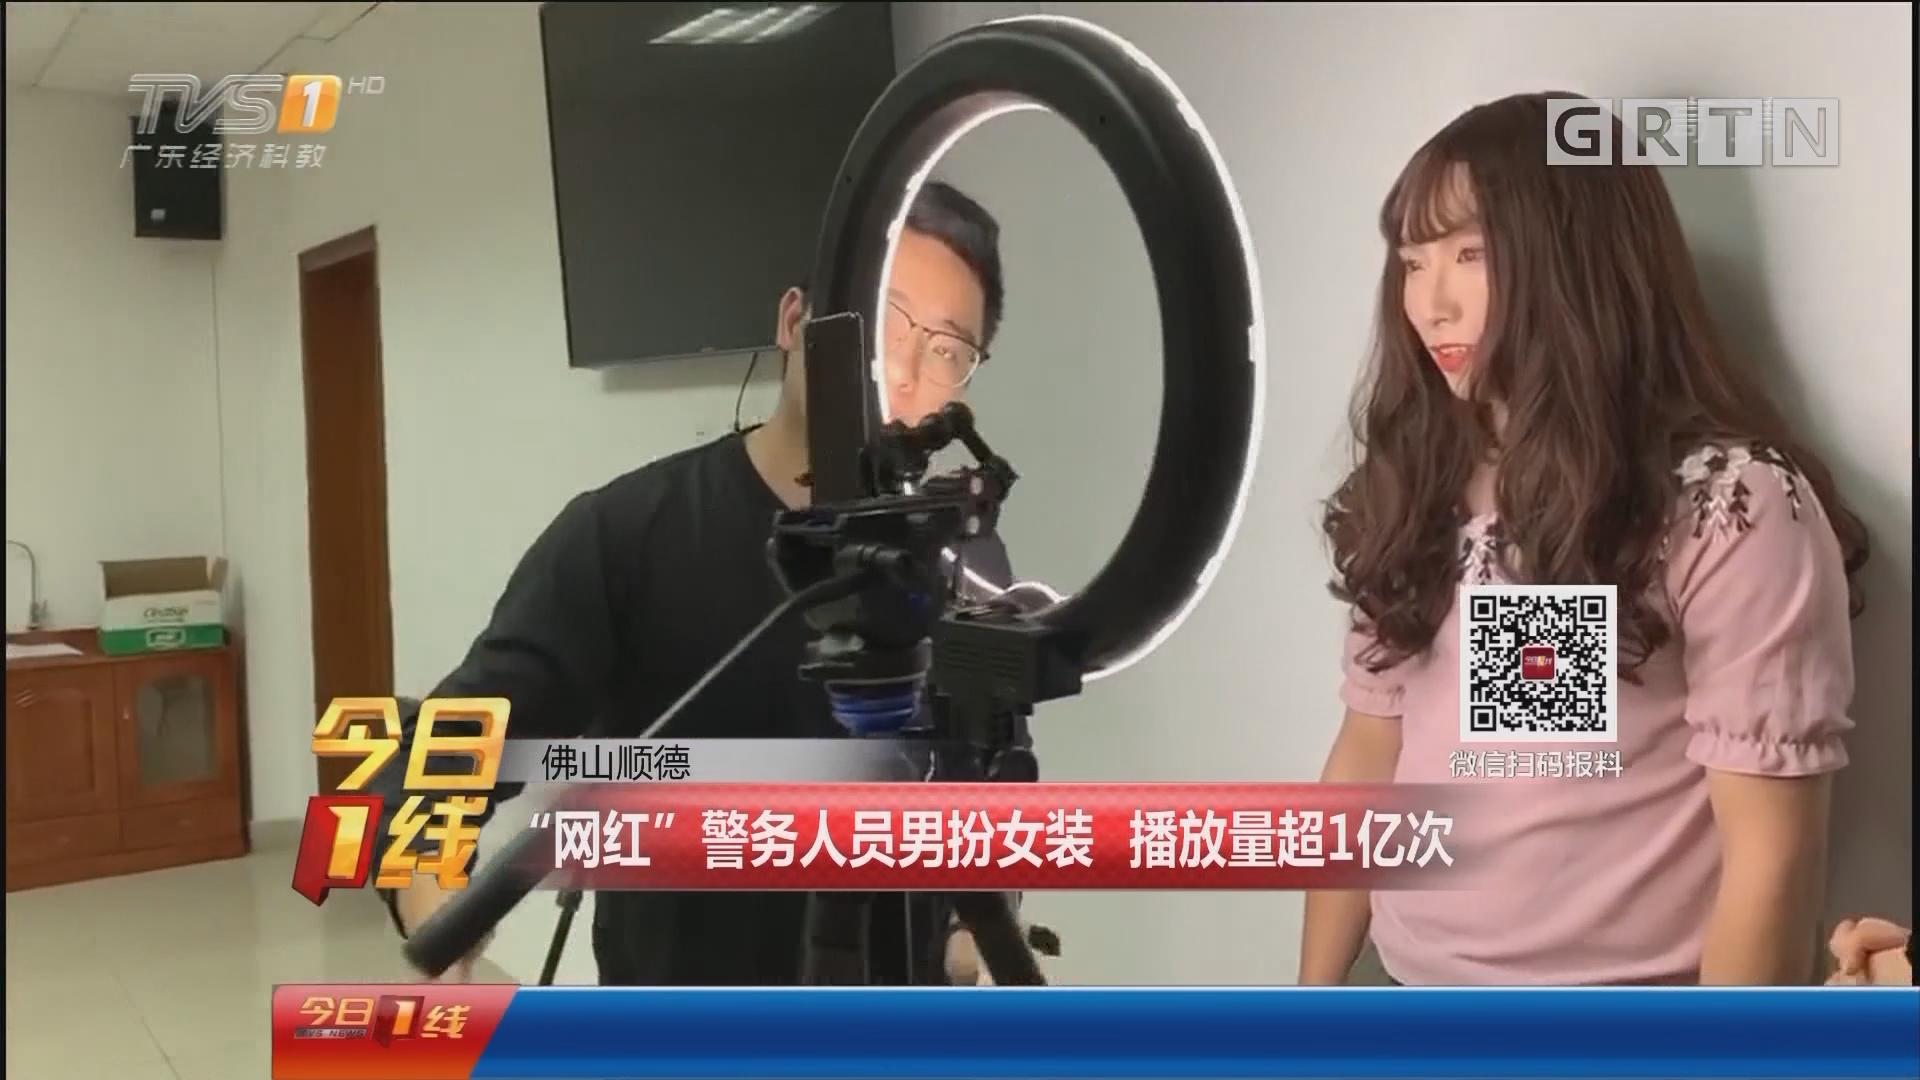 """佛山顺德:""""网红""""警务人员男扮女装 播放量超1亿次"""